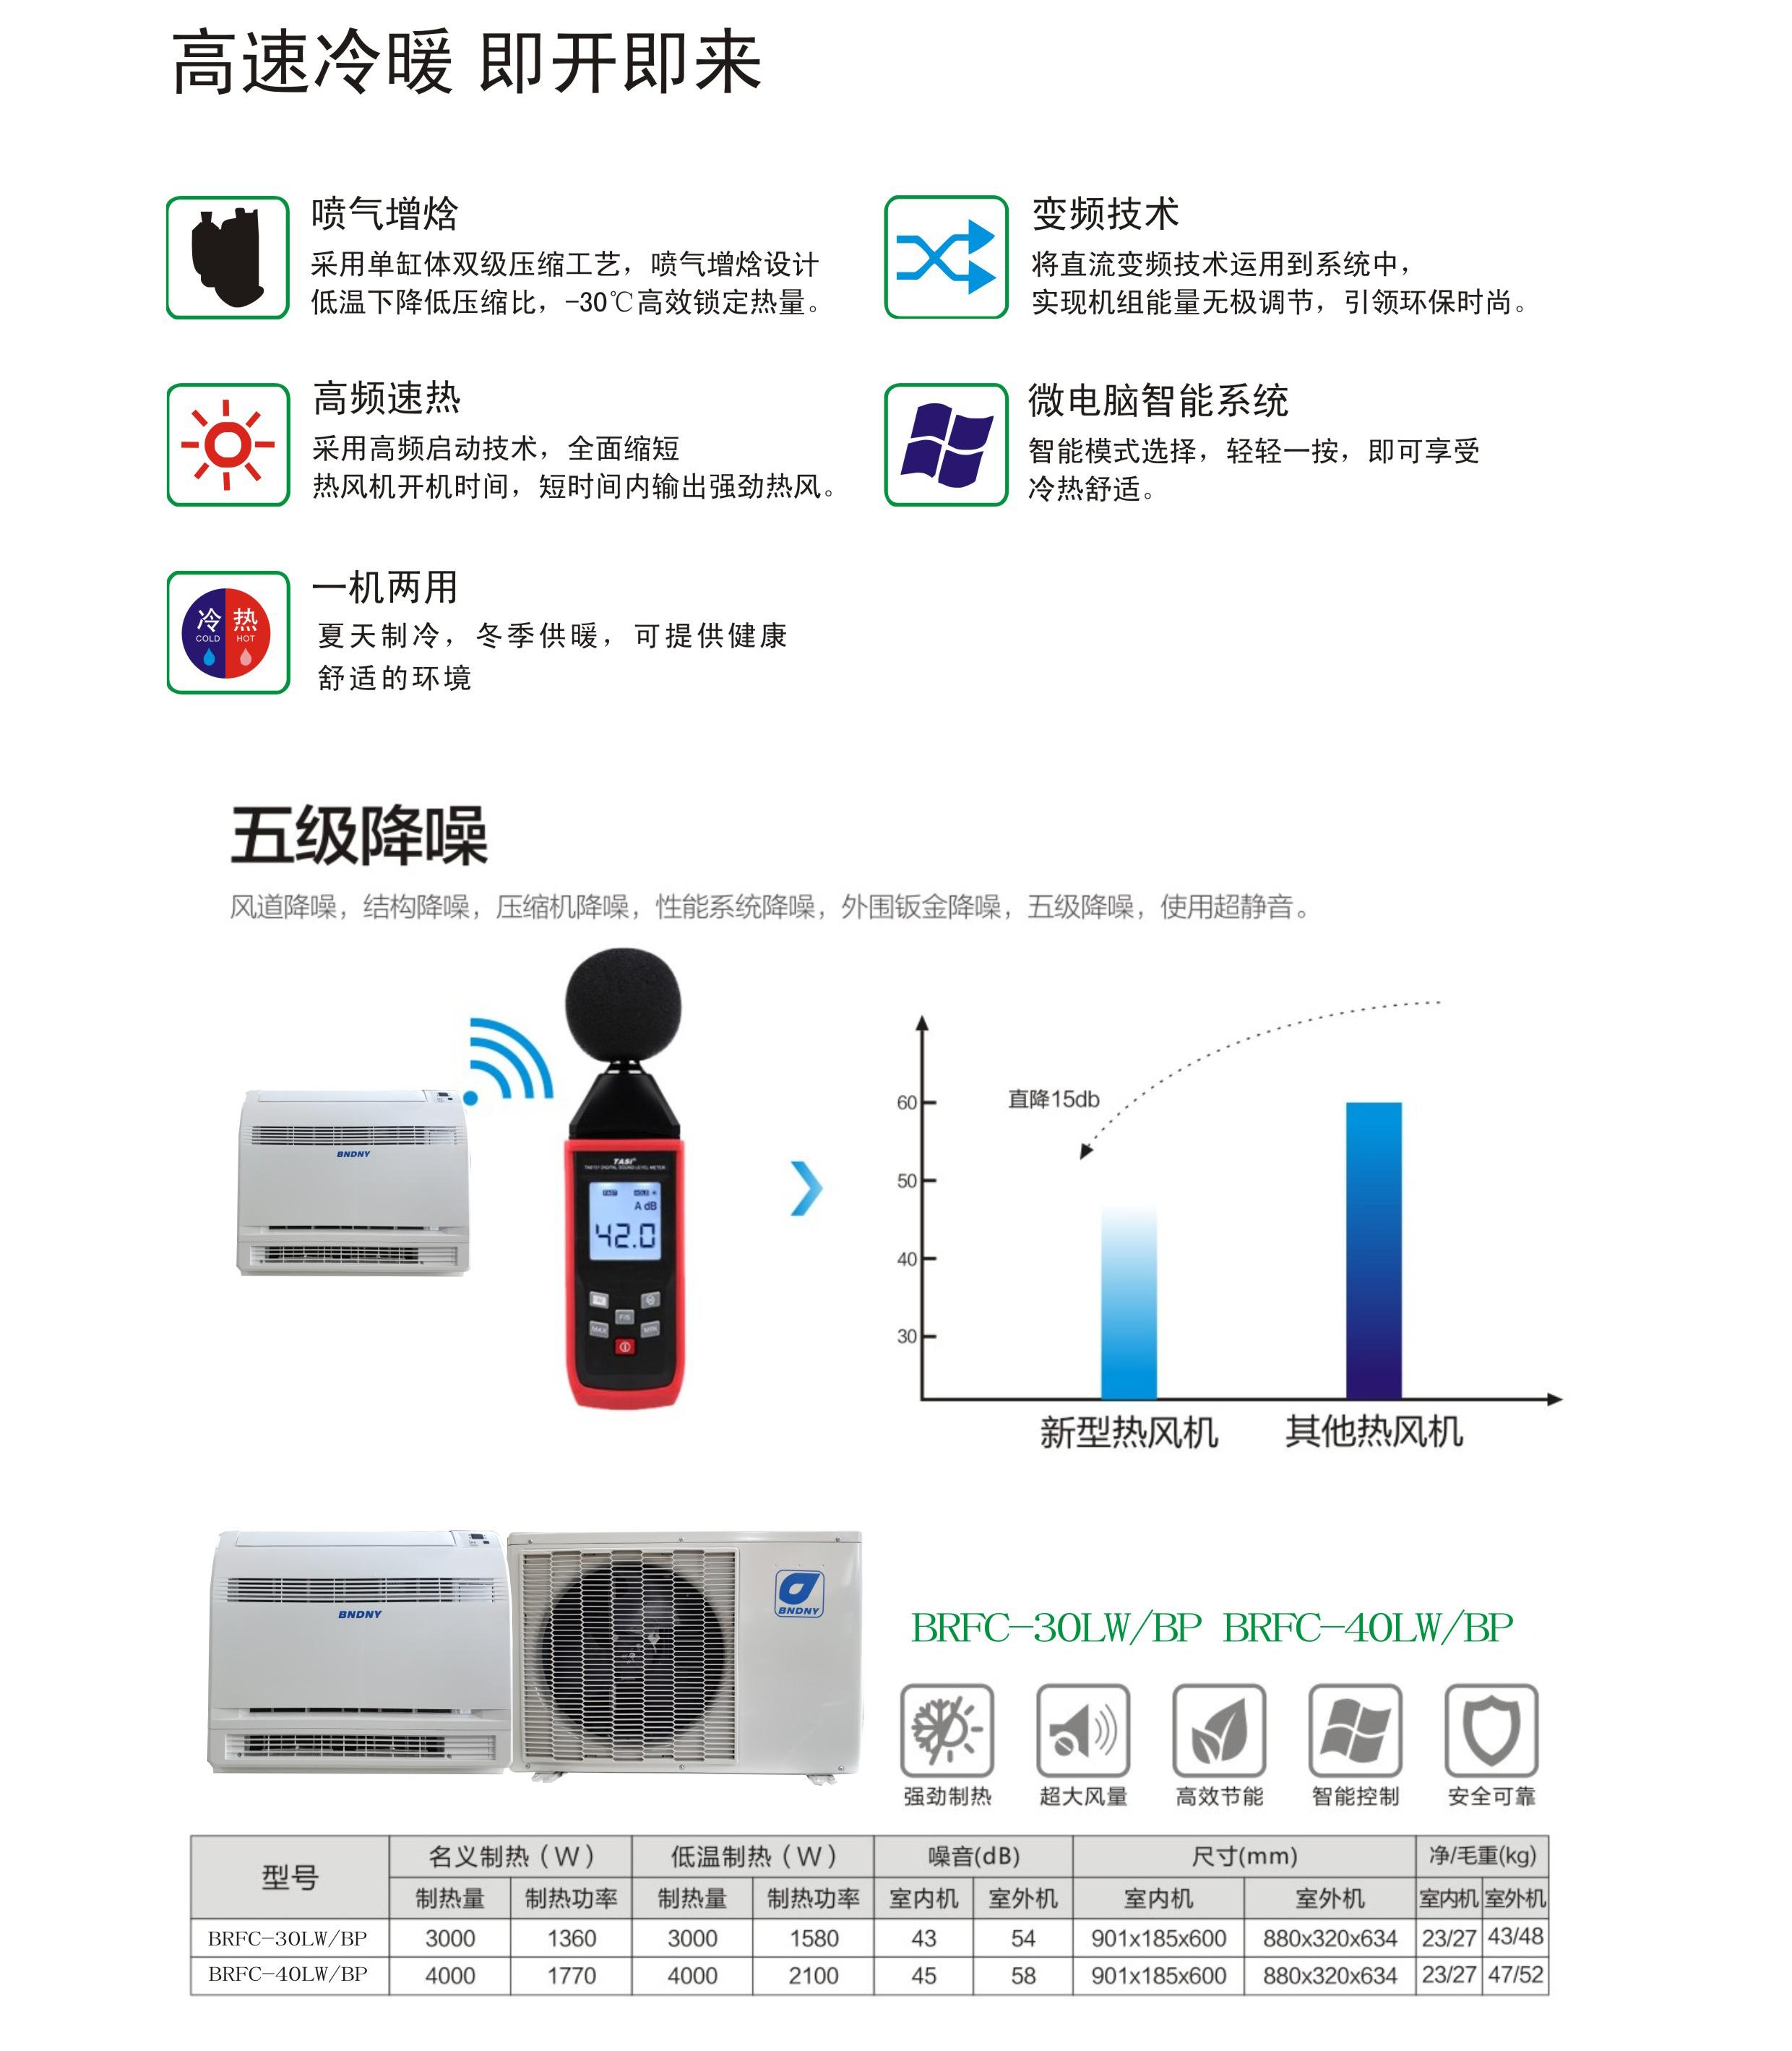 淘宝彩票为什么停售了服务山西省万荣县煤改电项目